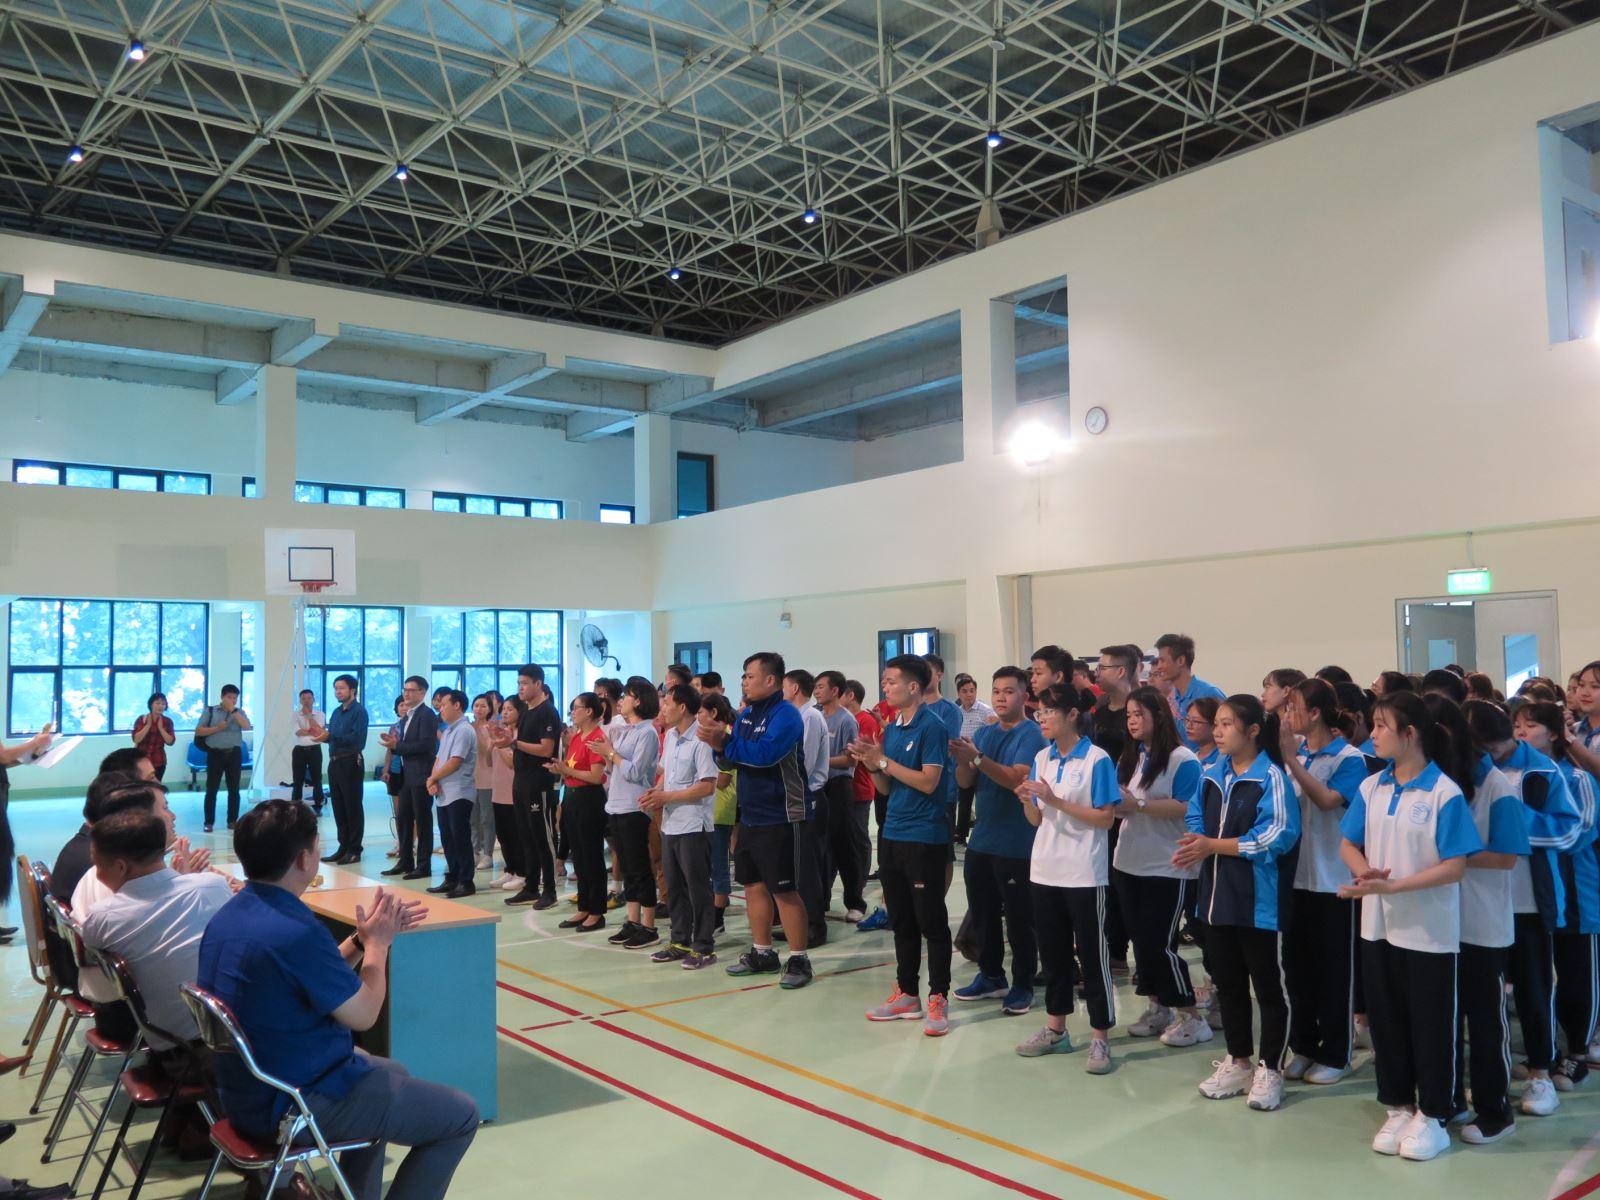 Hội thao giao lưu giữa các trường thuộc Cụm thi đua số 10